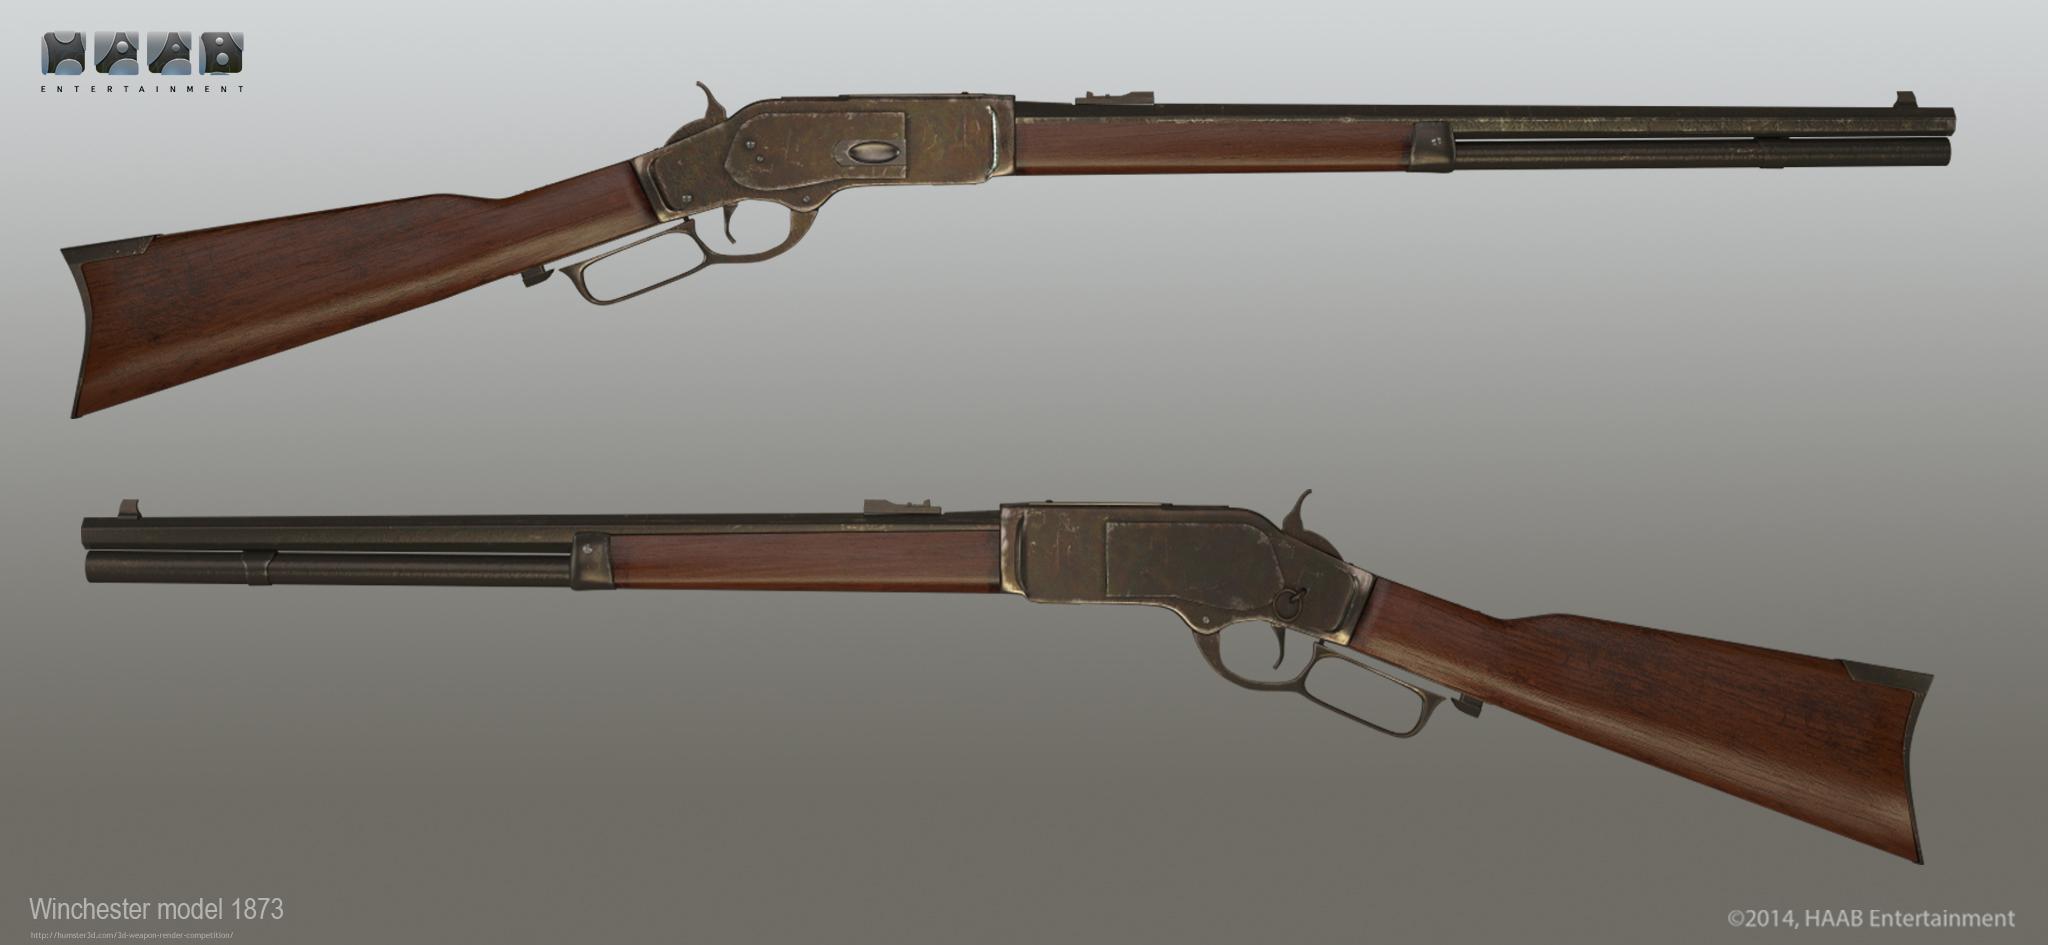 Winchester model 1873 3d art